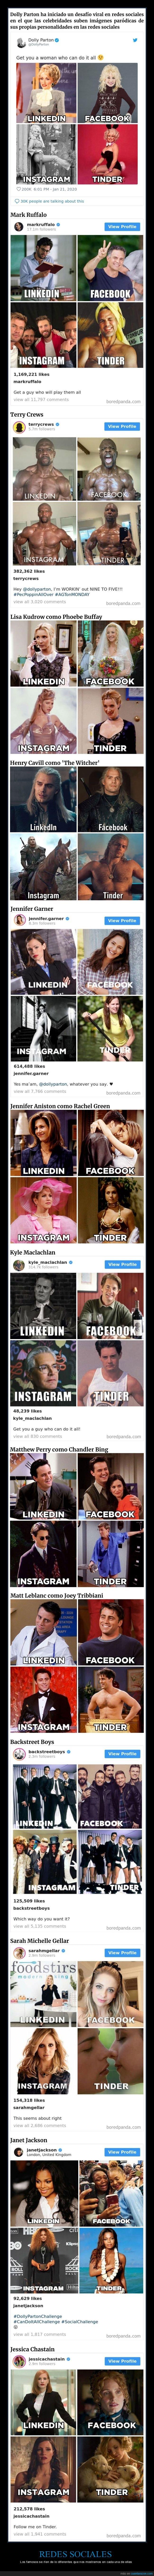 distintos,mostrarse,redes sociales